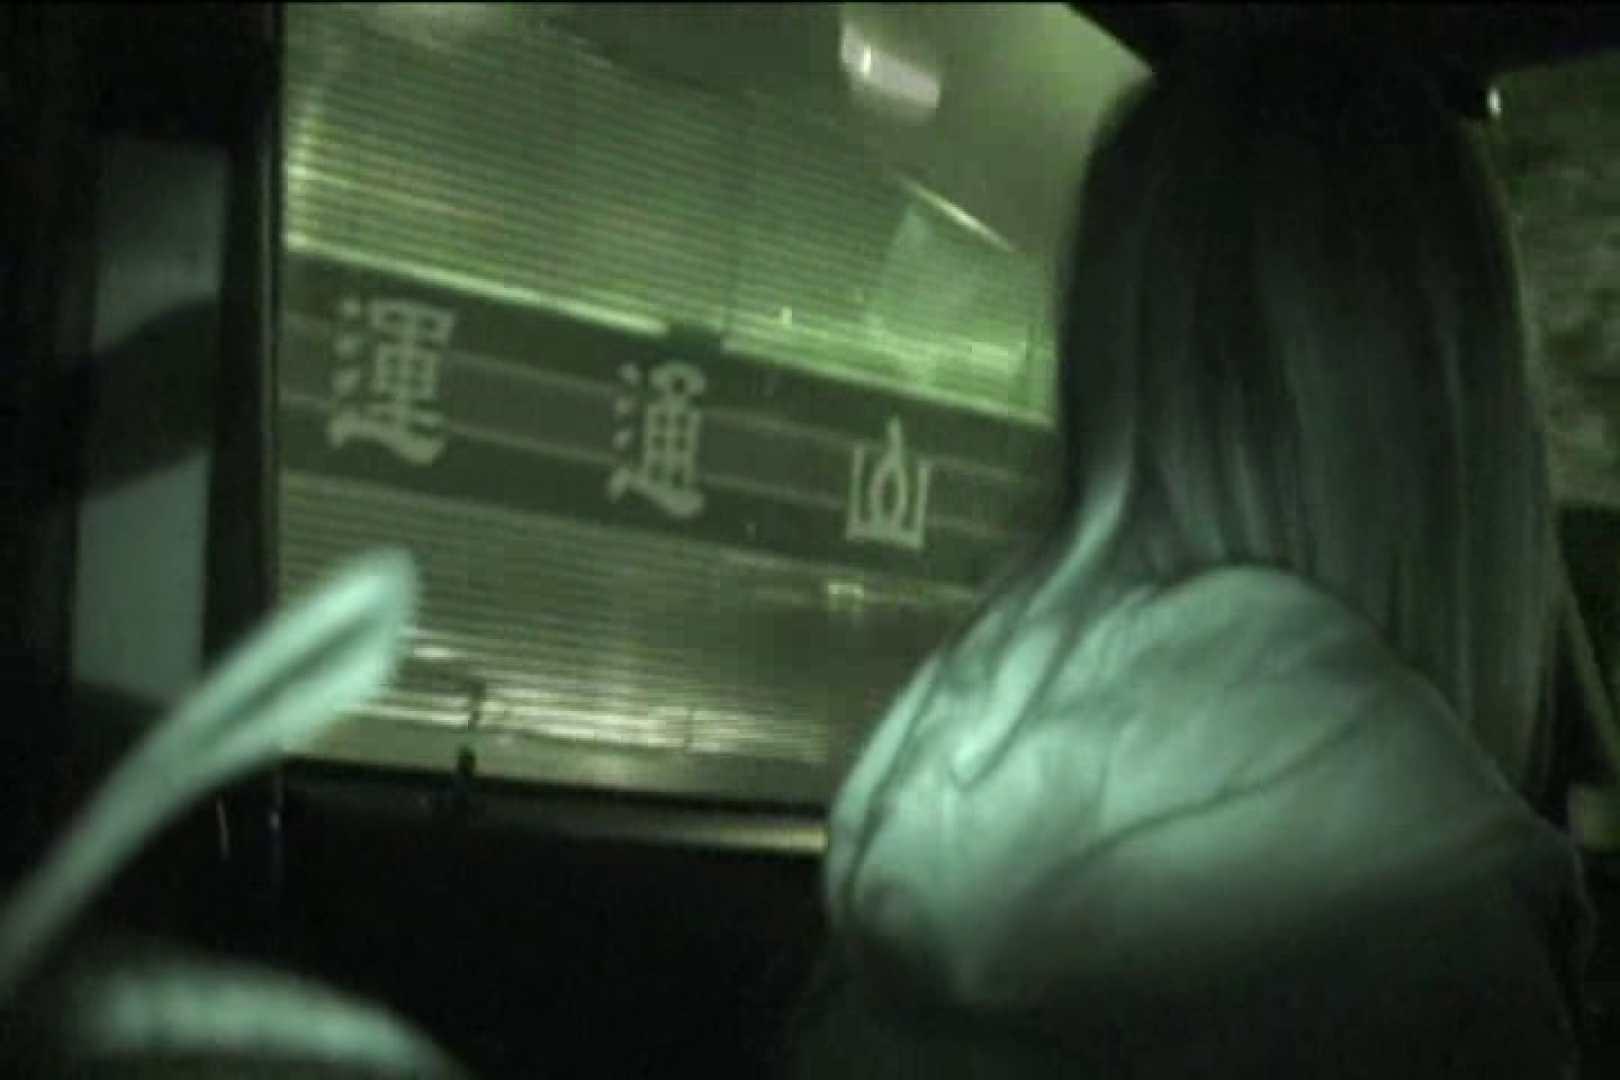 車内で初めまして! vol03 0 | 0  91pic 39